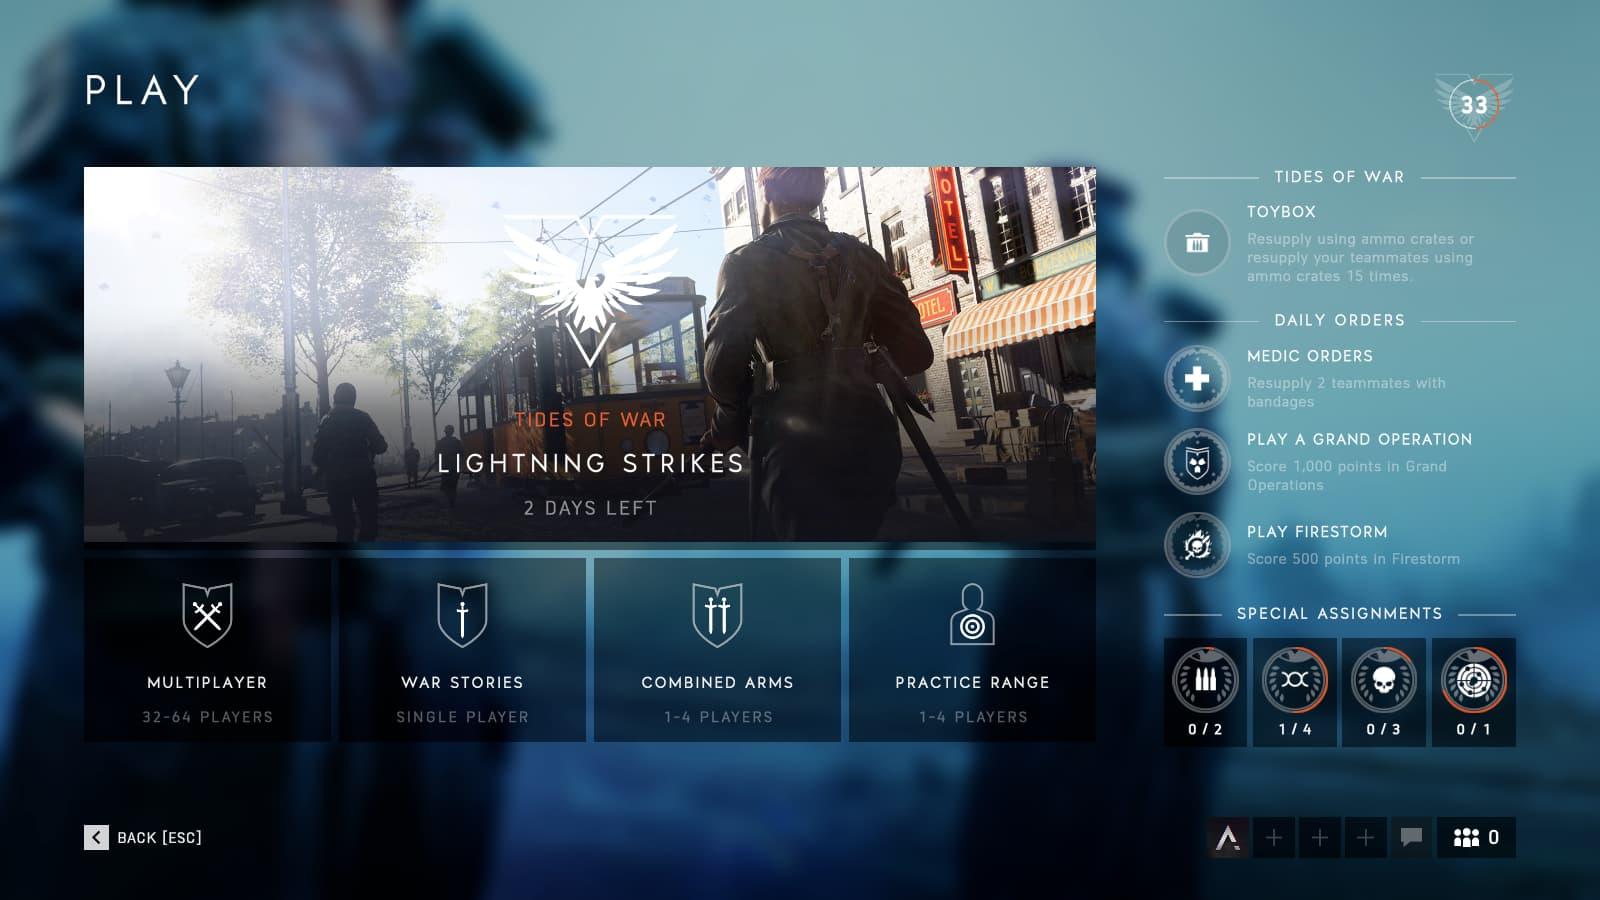 Todavía no ha salido pero Battlefield V ya cuenta con ordenes diarias relacionadas con su modo Battle Royale 2